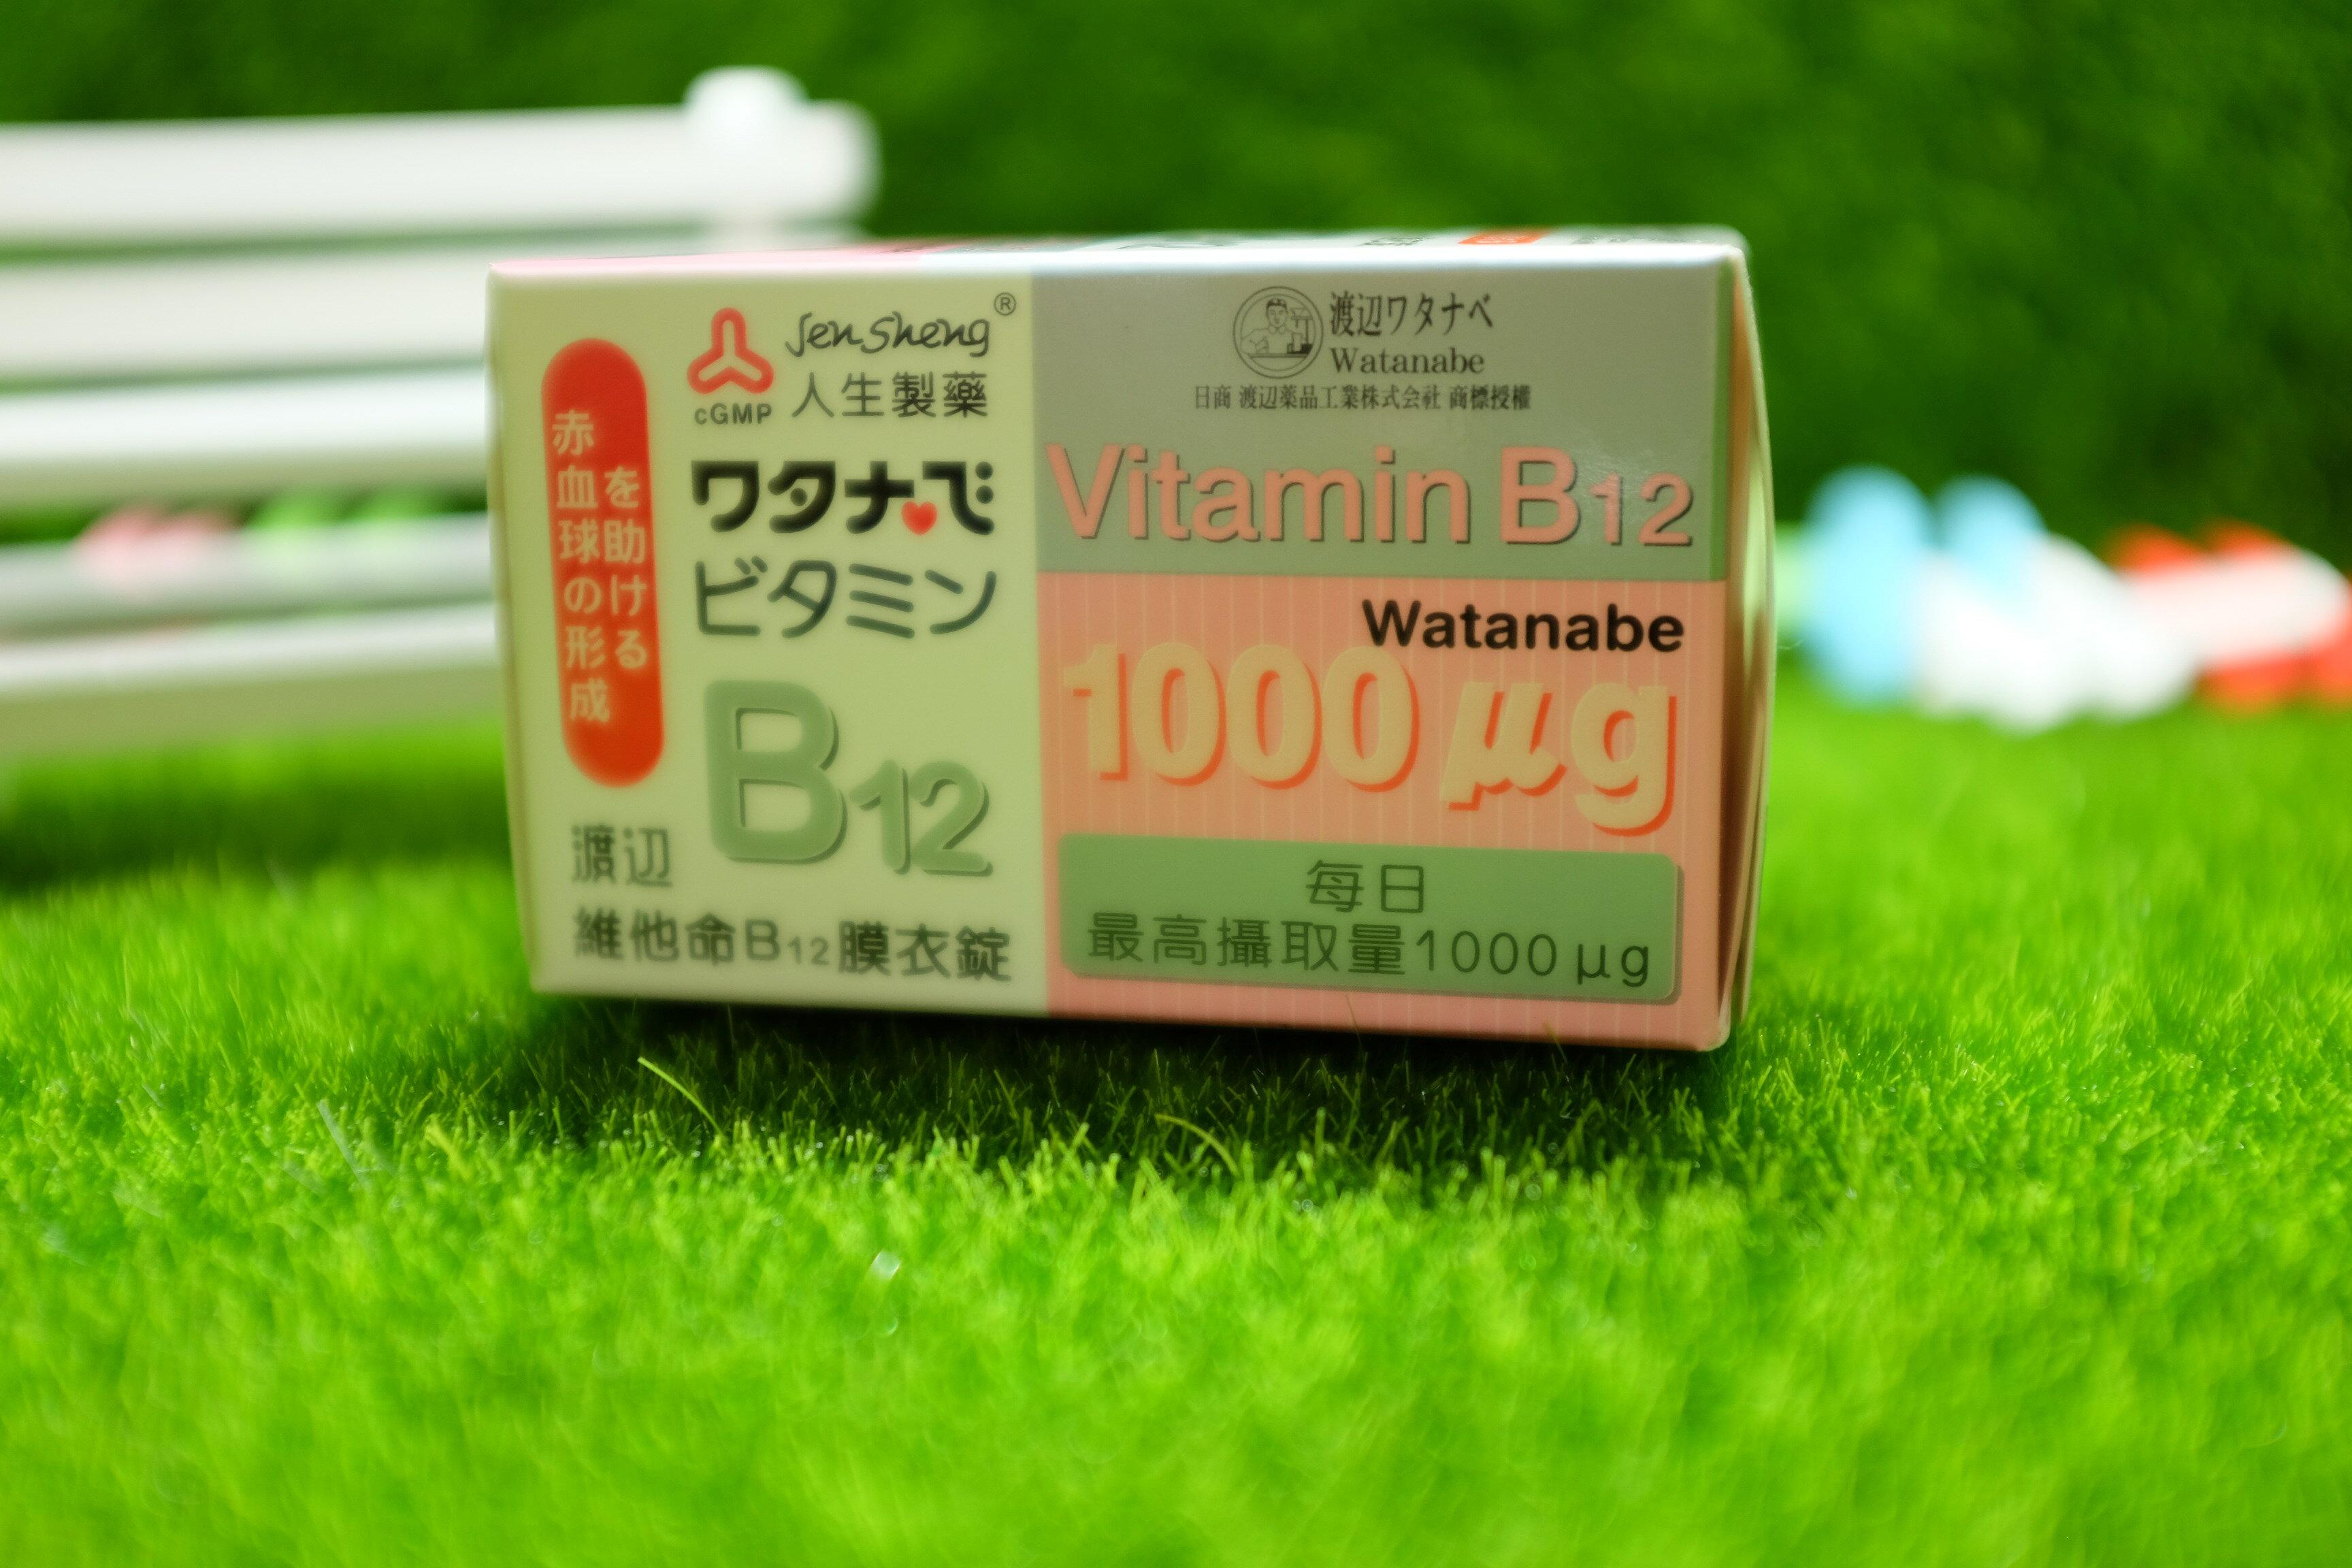 渡邊 維他命B12 膜衣錠 60錠#人生製藥